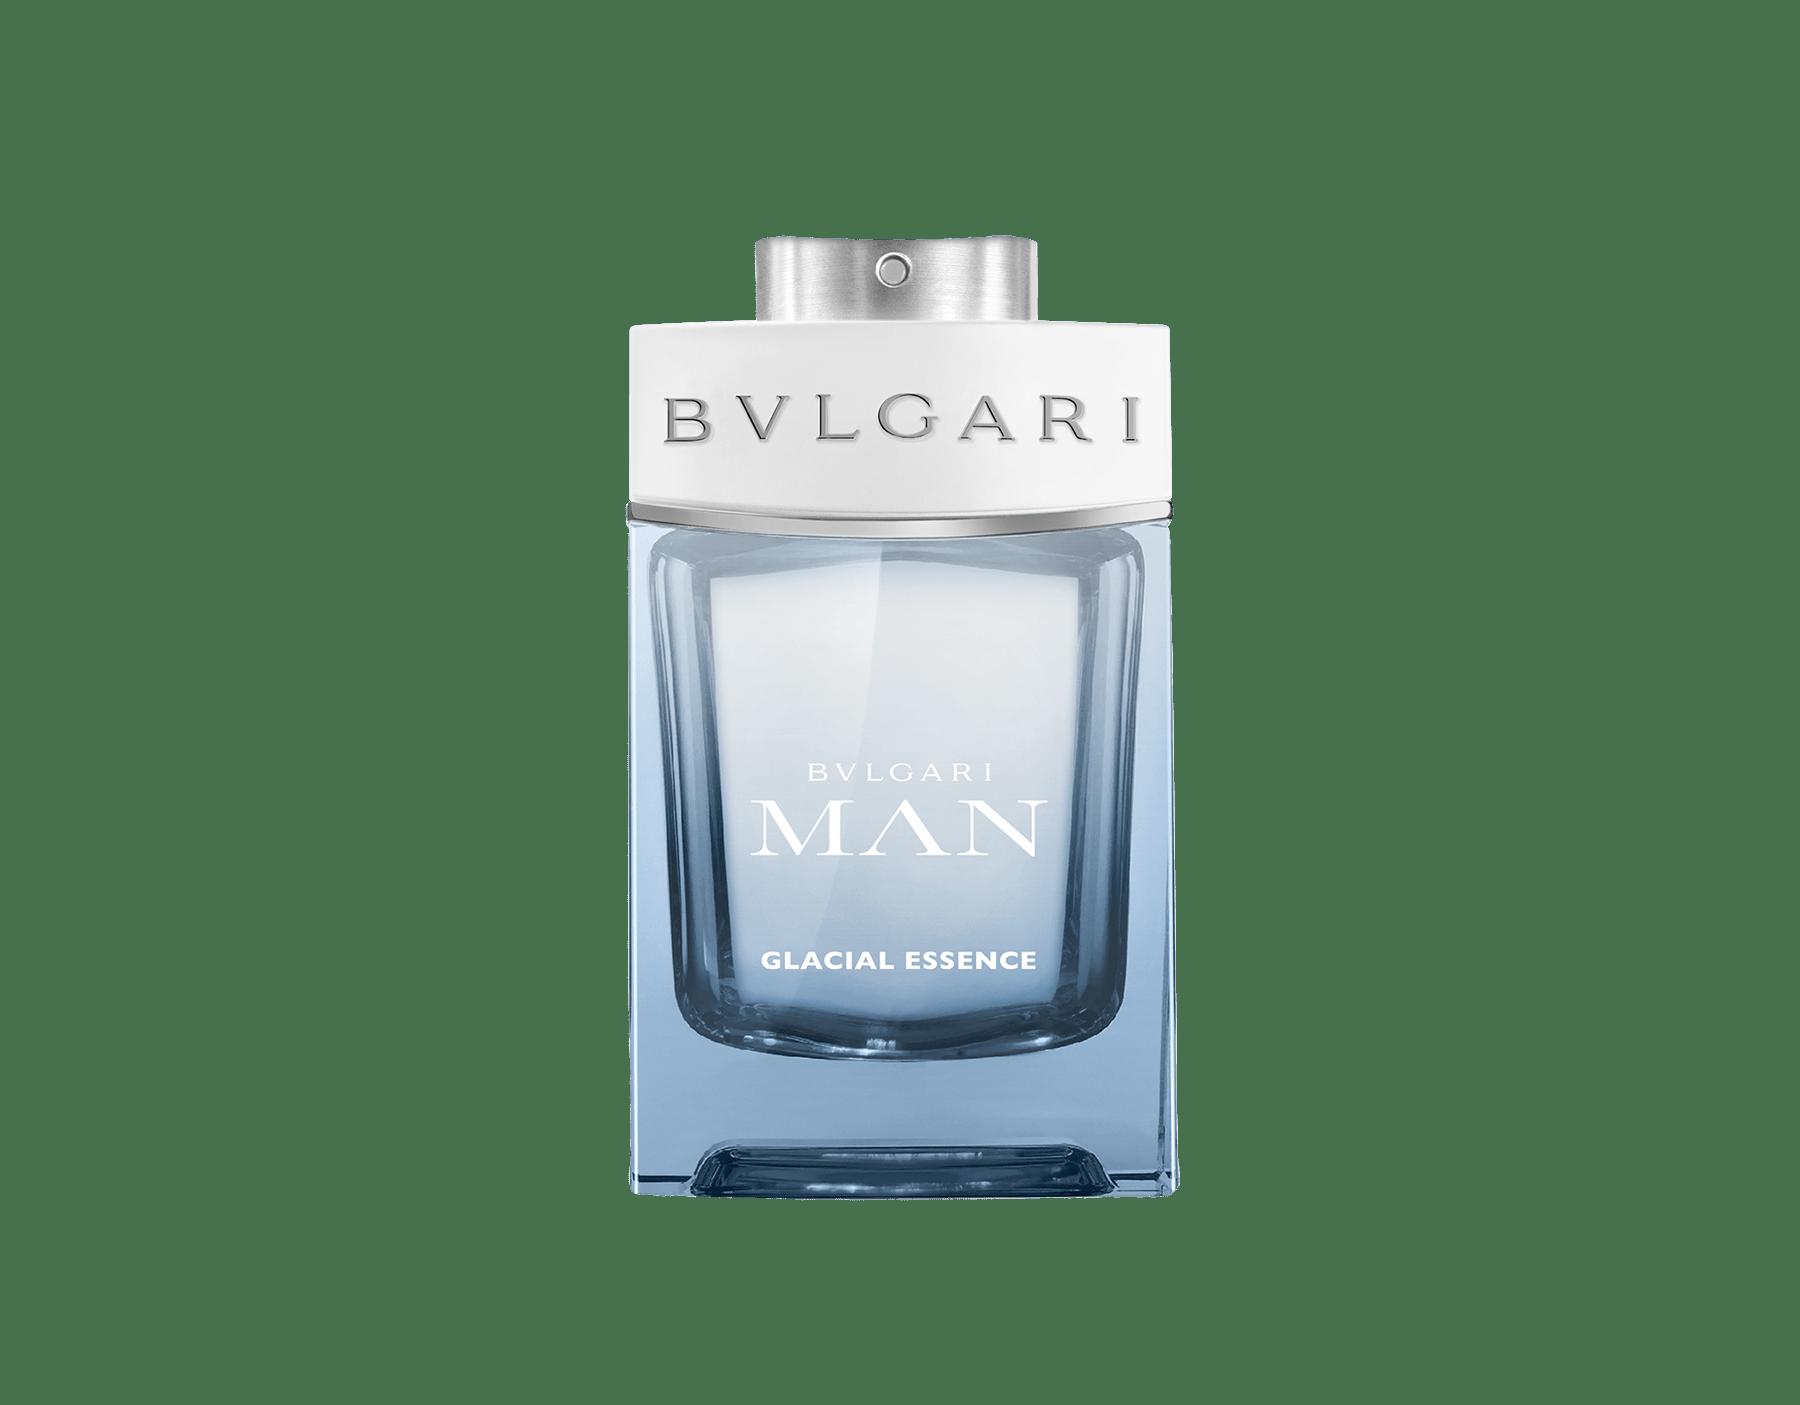 La potenza di una fragranza legnosa fougère, cristallizzata nel ghiaccio. 41194 image 1